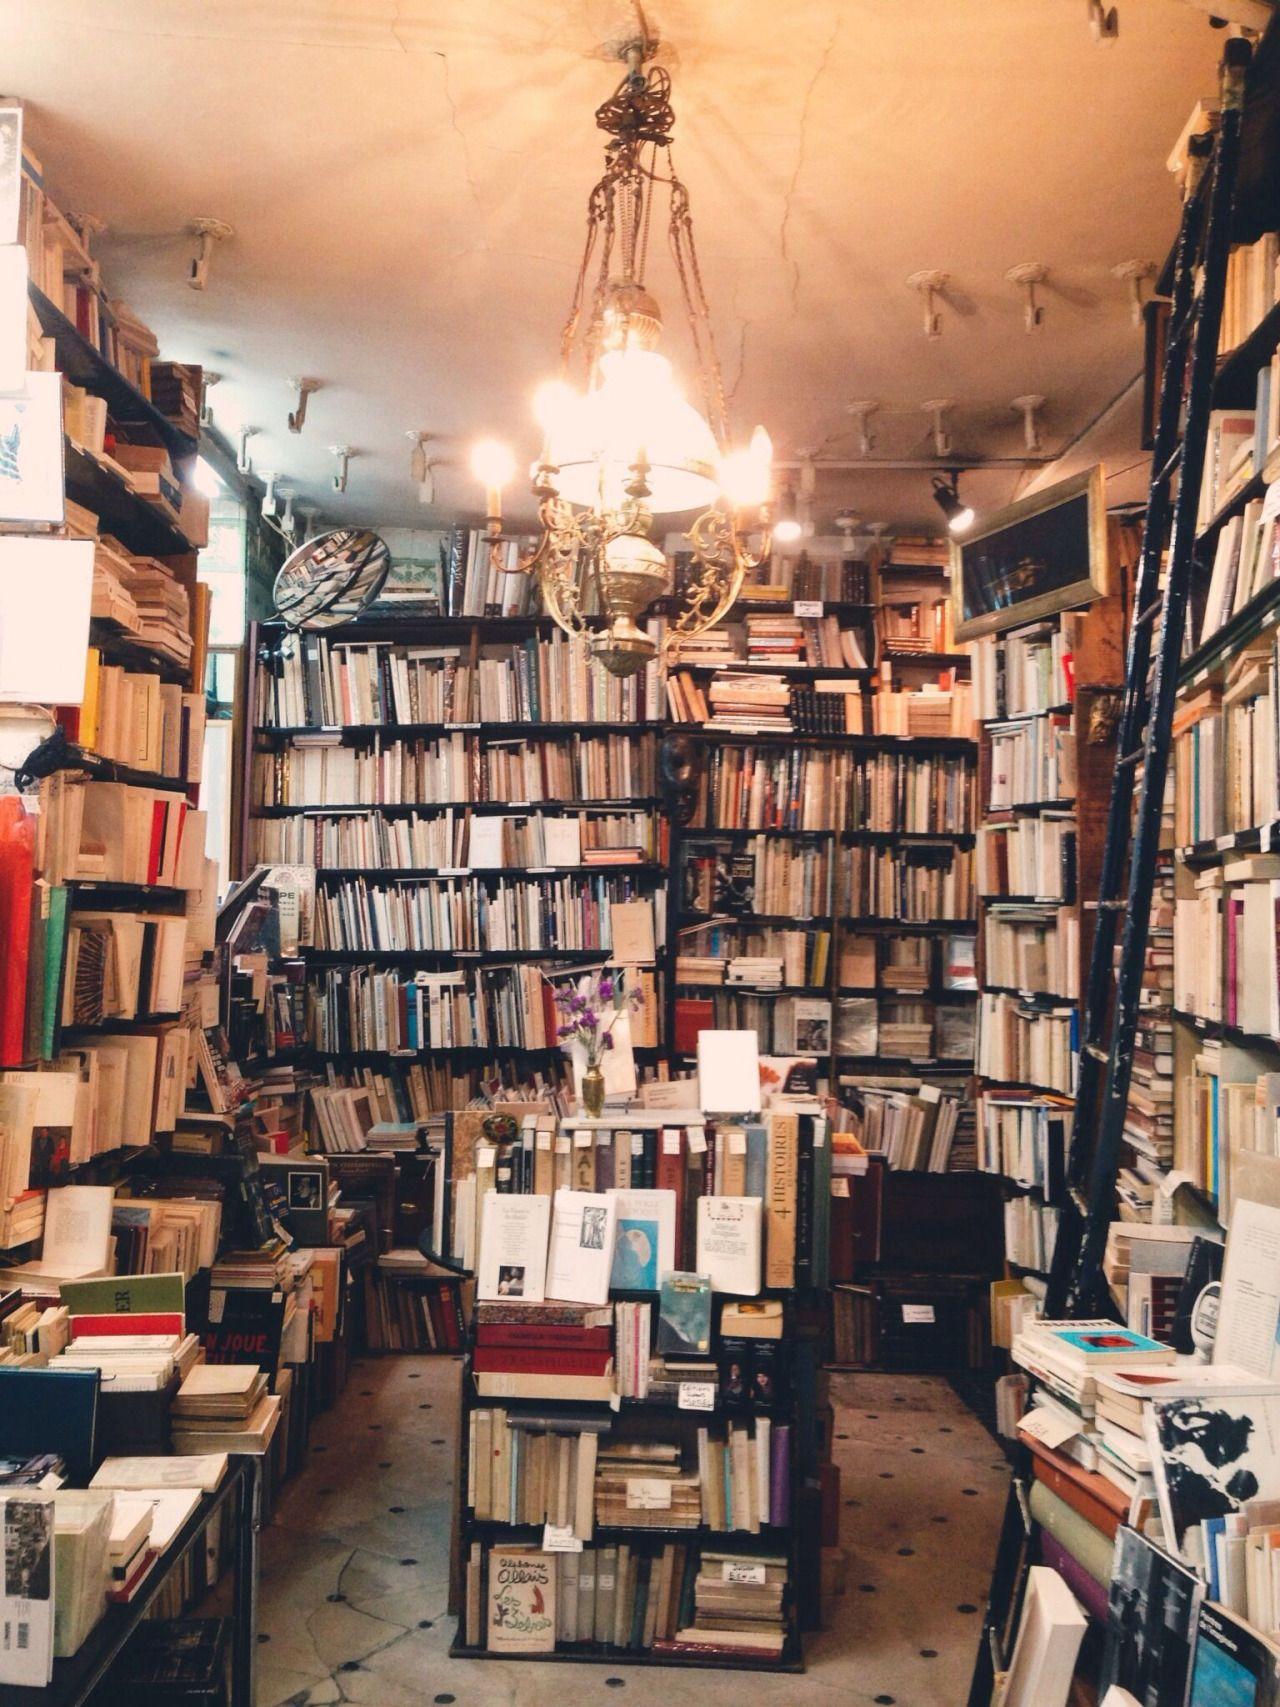 Pin By Irish Rounder On Nostalgia Messy Nessy Chic Messy Nessy Bookshop